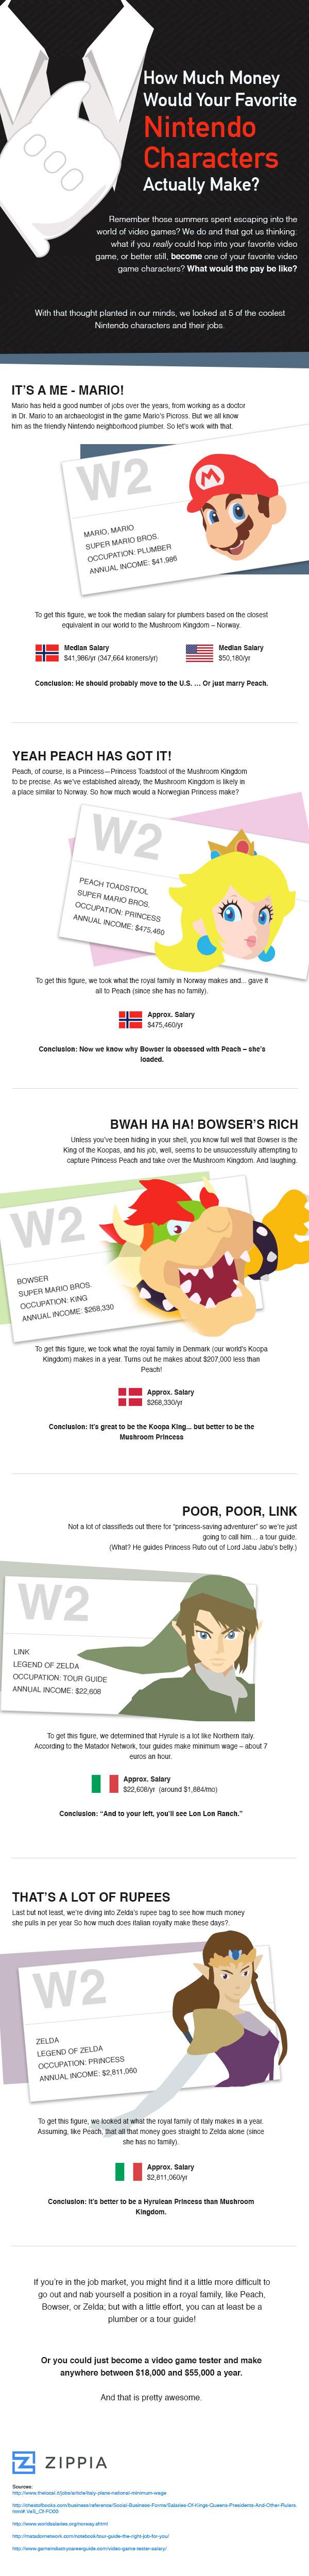 Zippia's Nintendo Character Salary